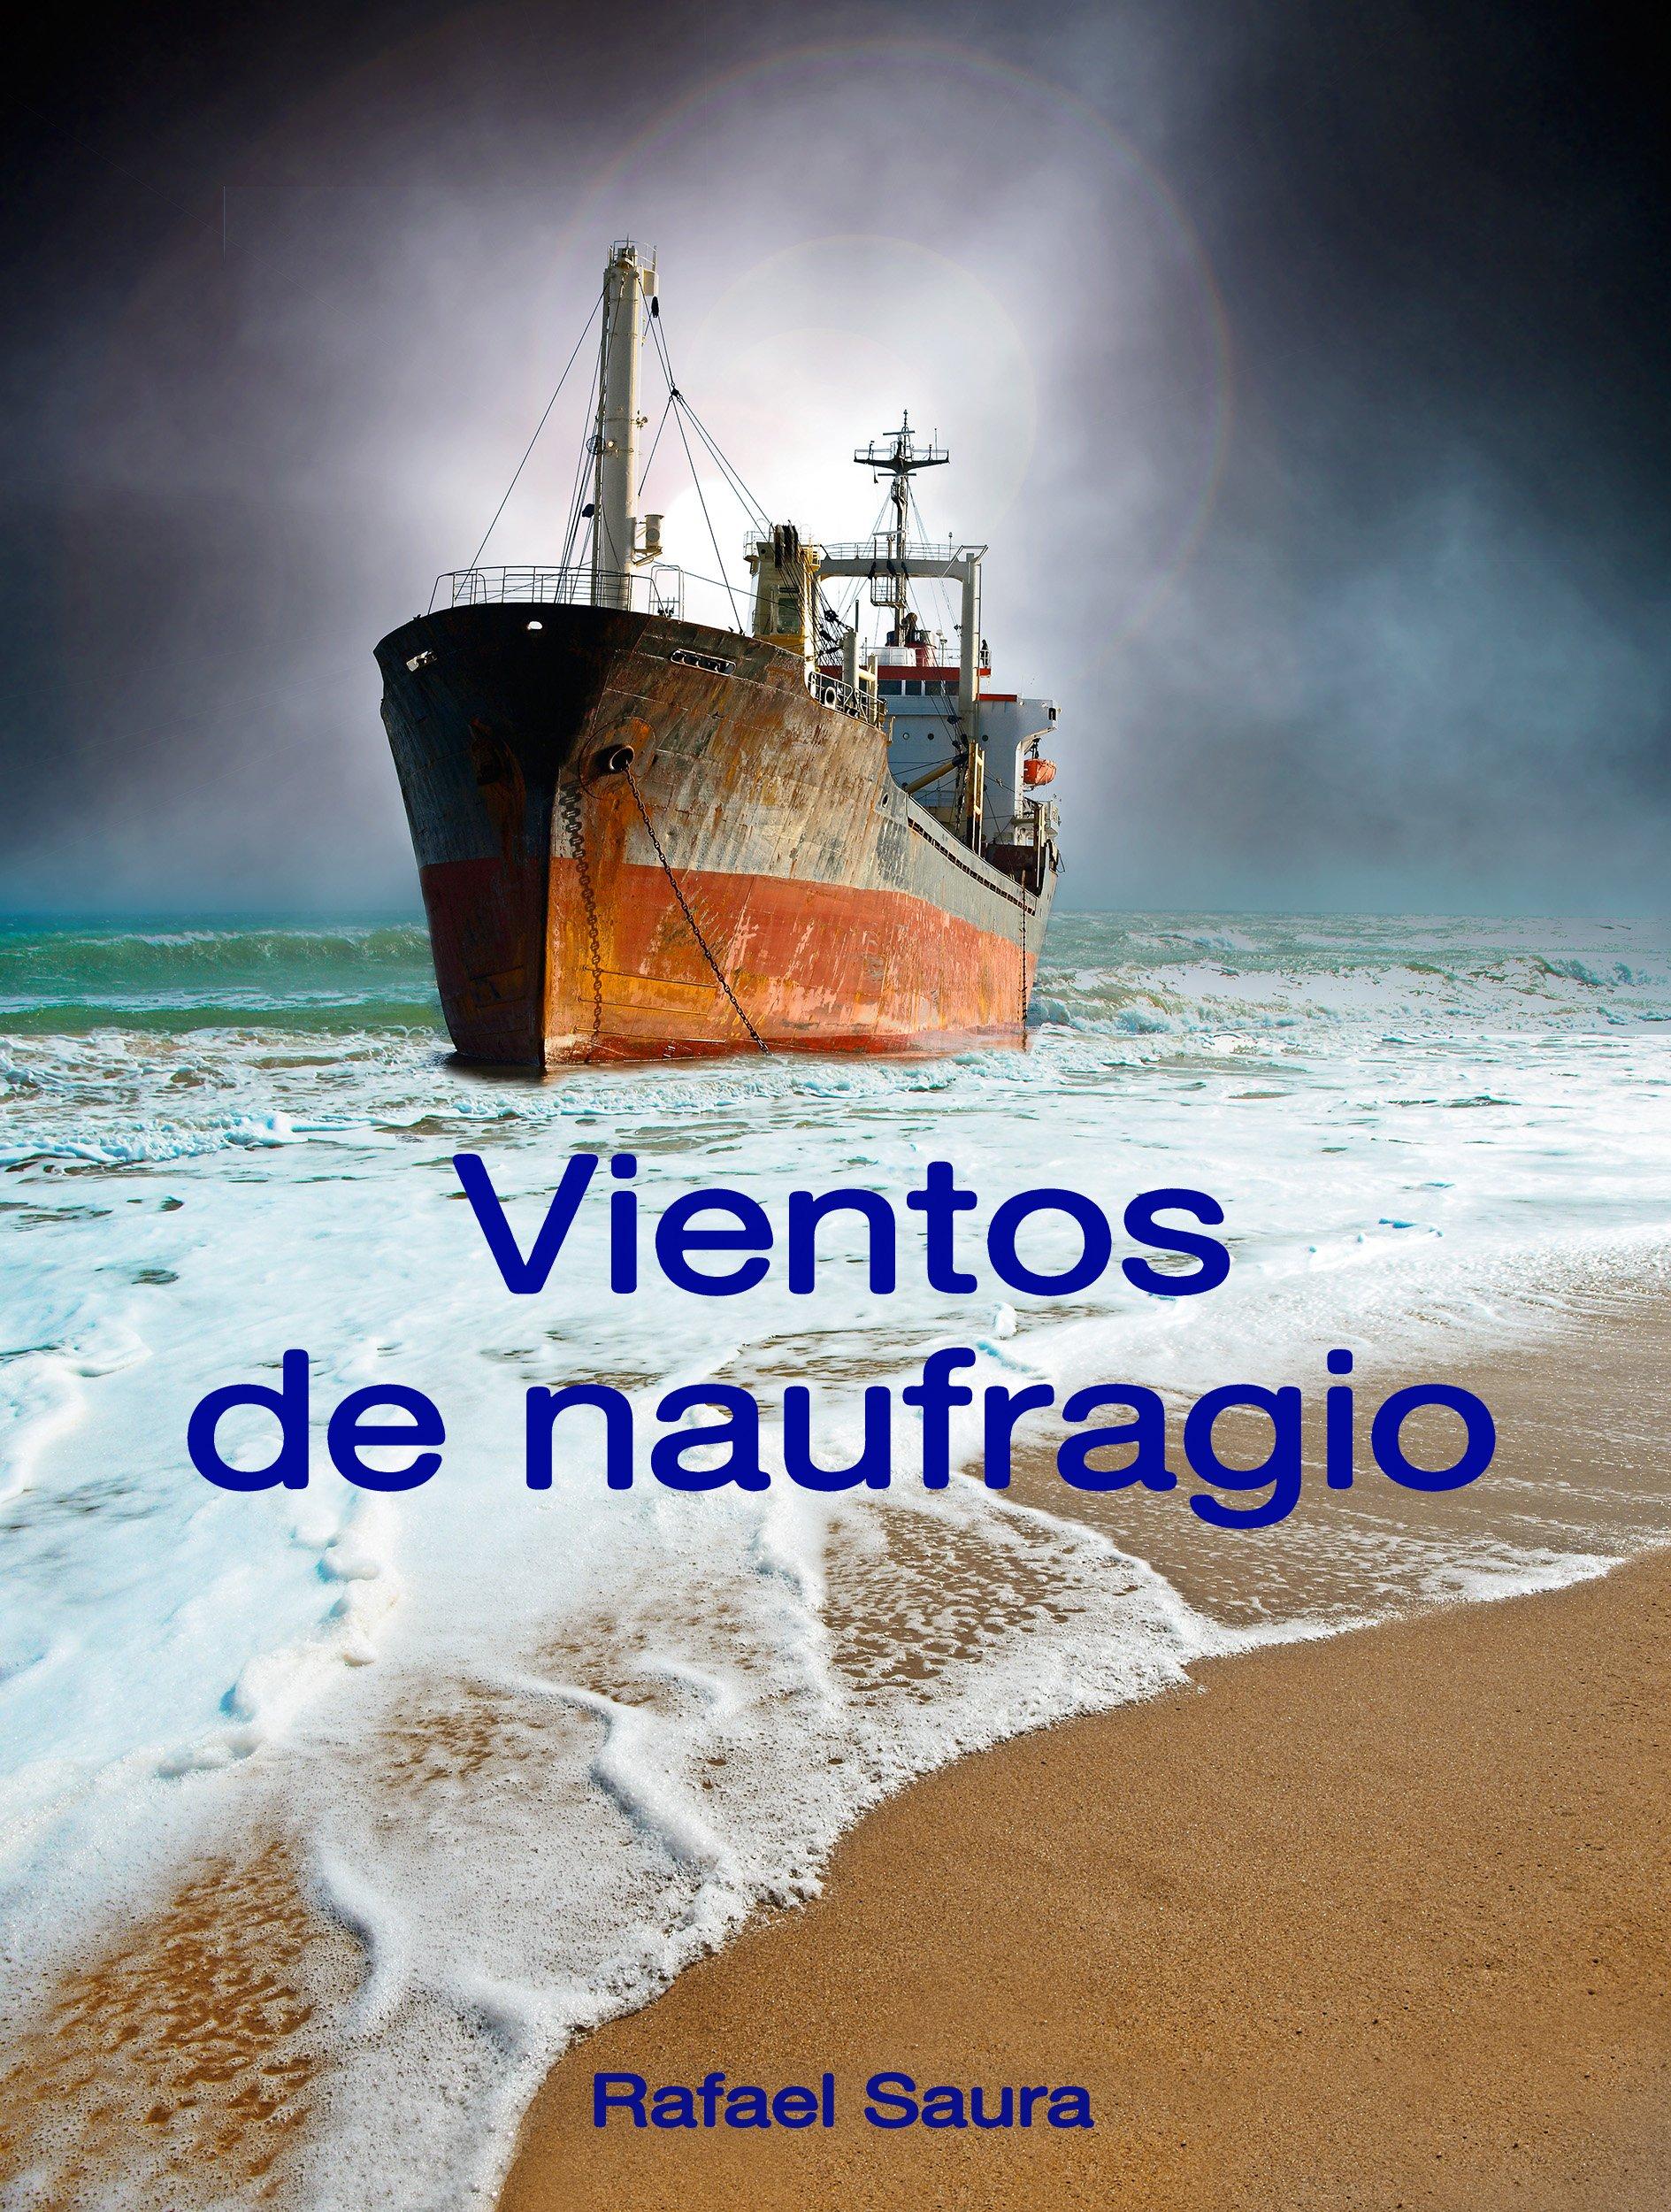 Vientos de naufragio